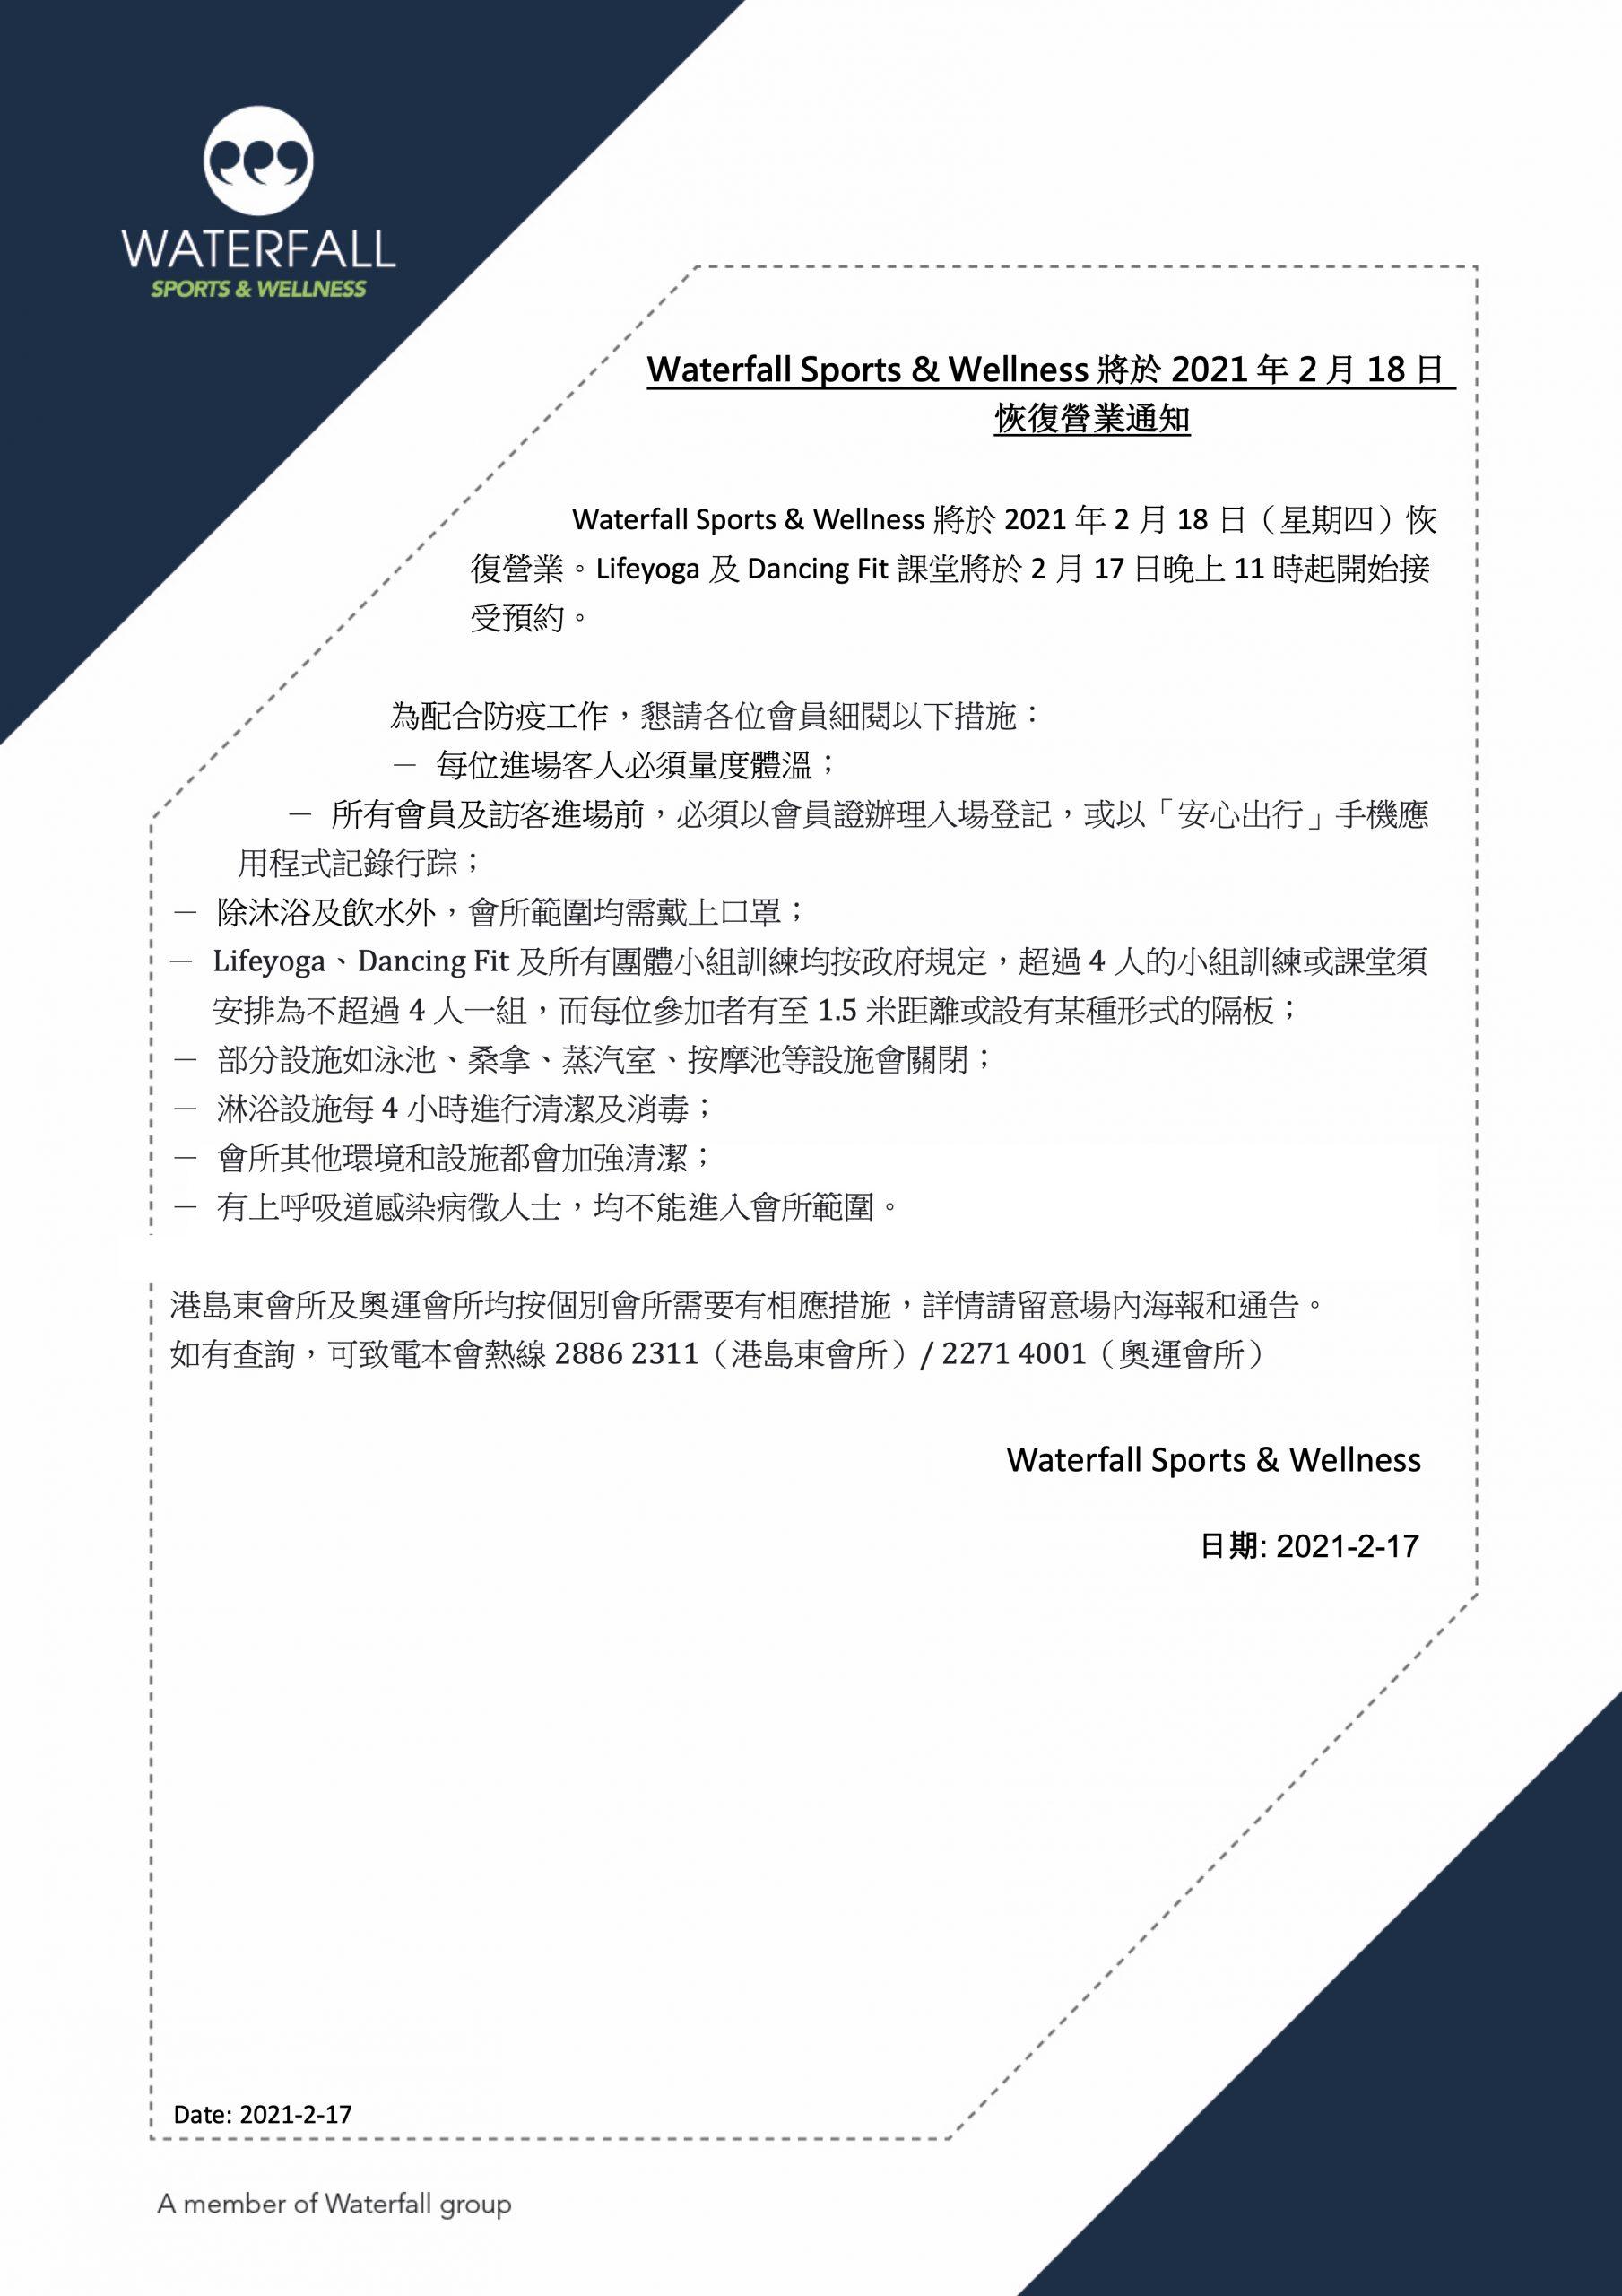 【2021年2月17日更新】Waterfall Sports & Wellness将于2021年2月18日重开